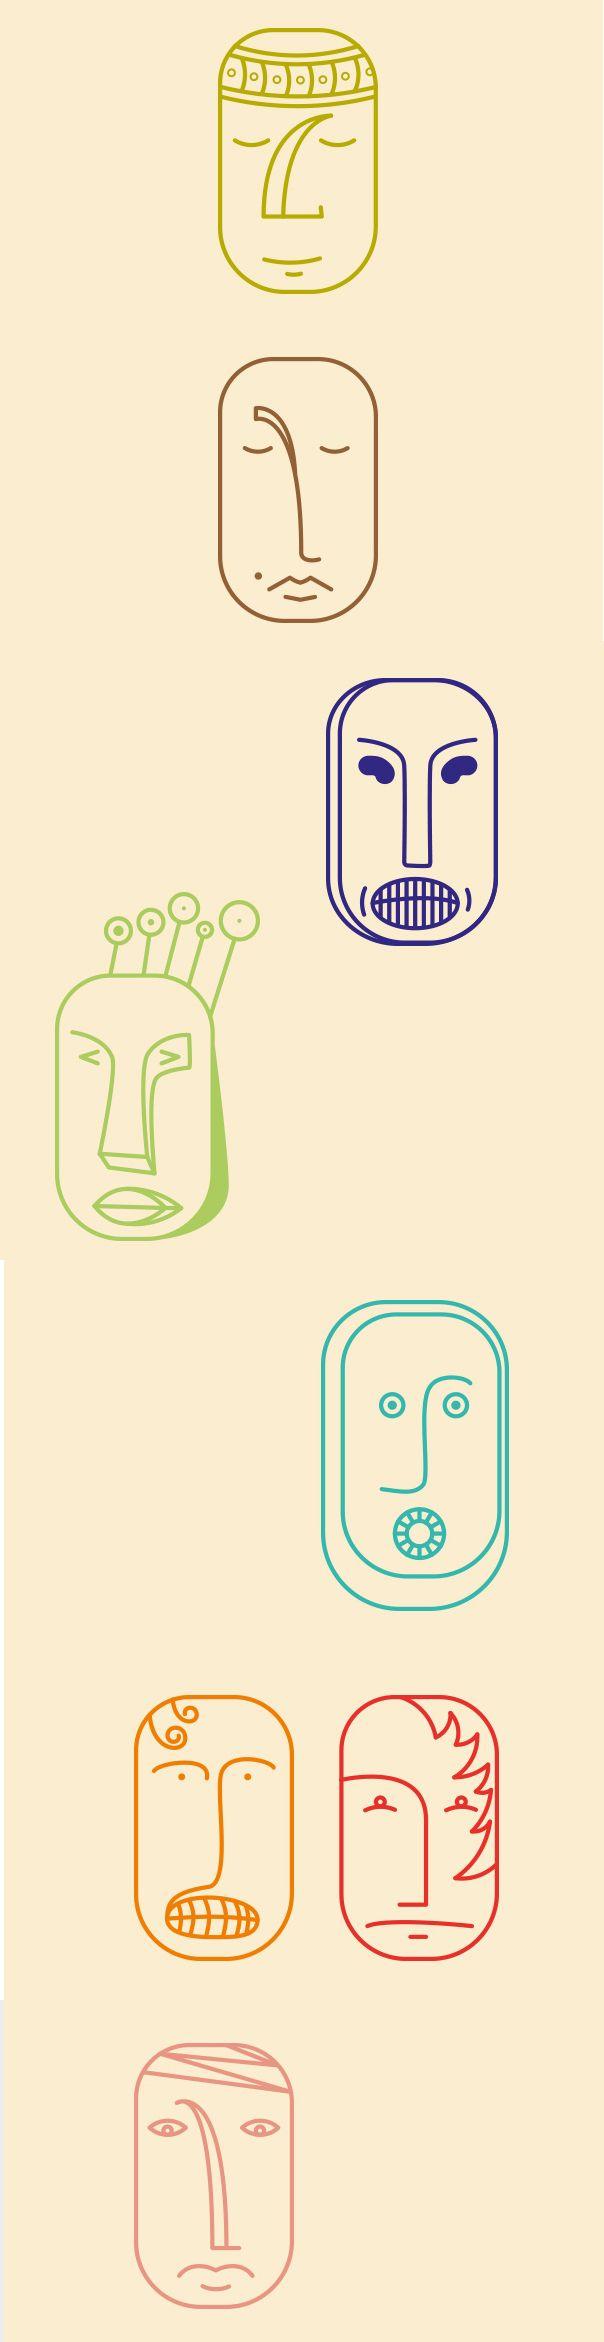 mask 1 /(c) basia lukasik, http://www.typohole.com)